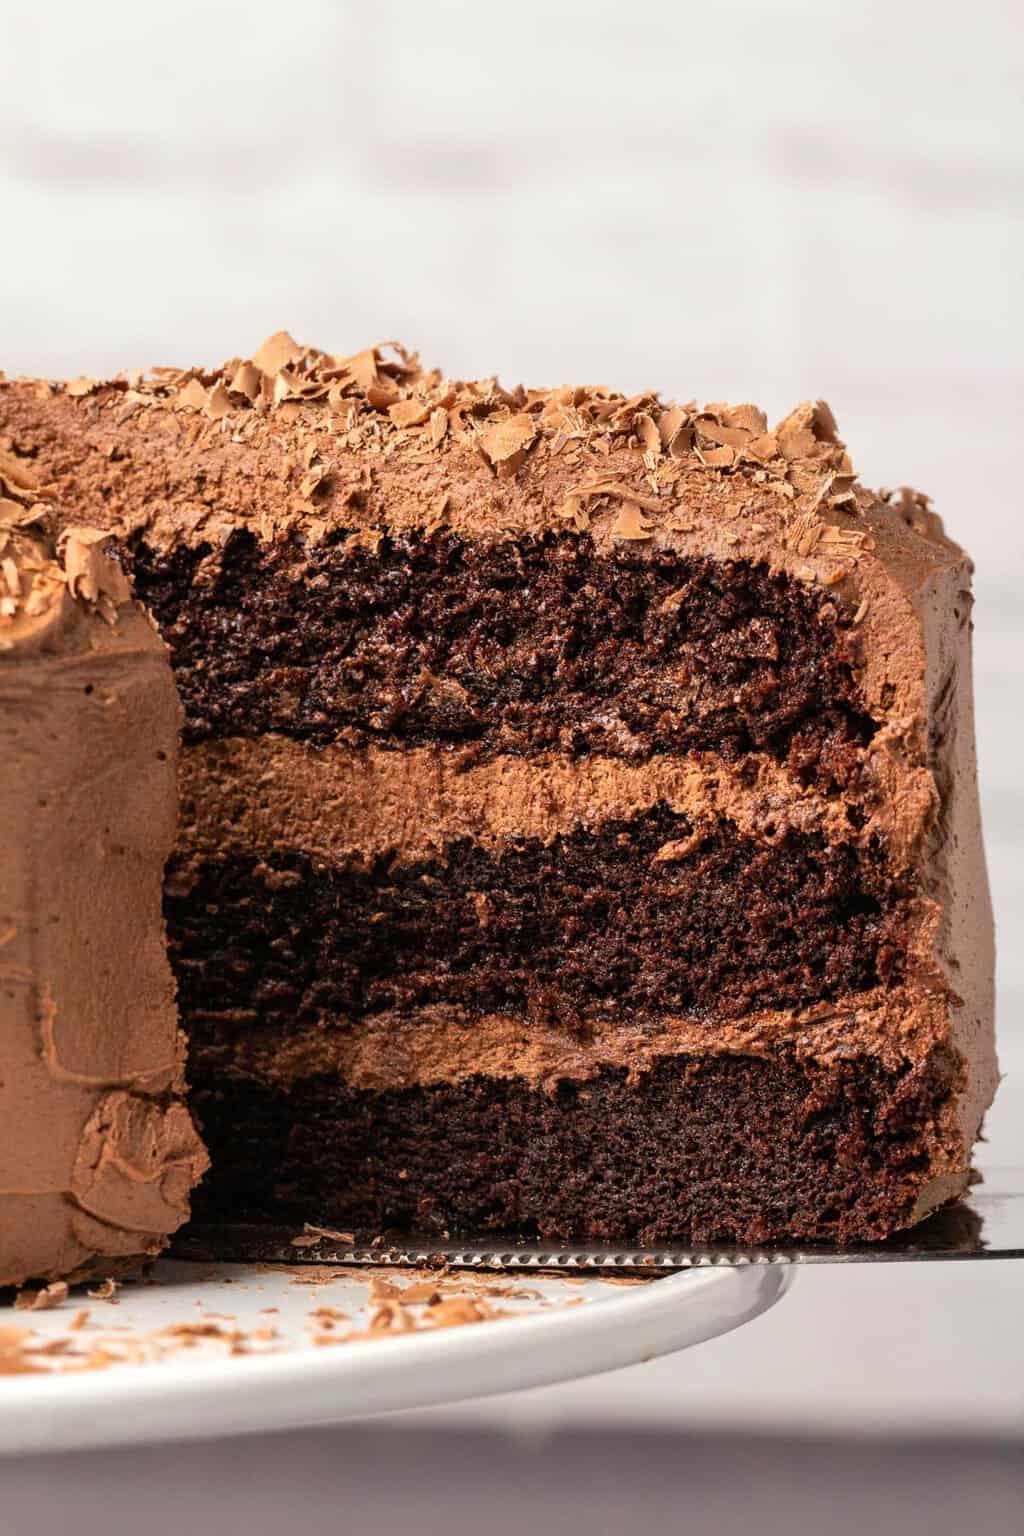 Dairy free chocolate cake